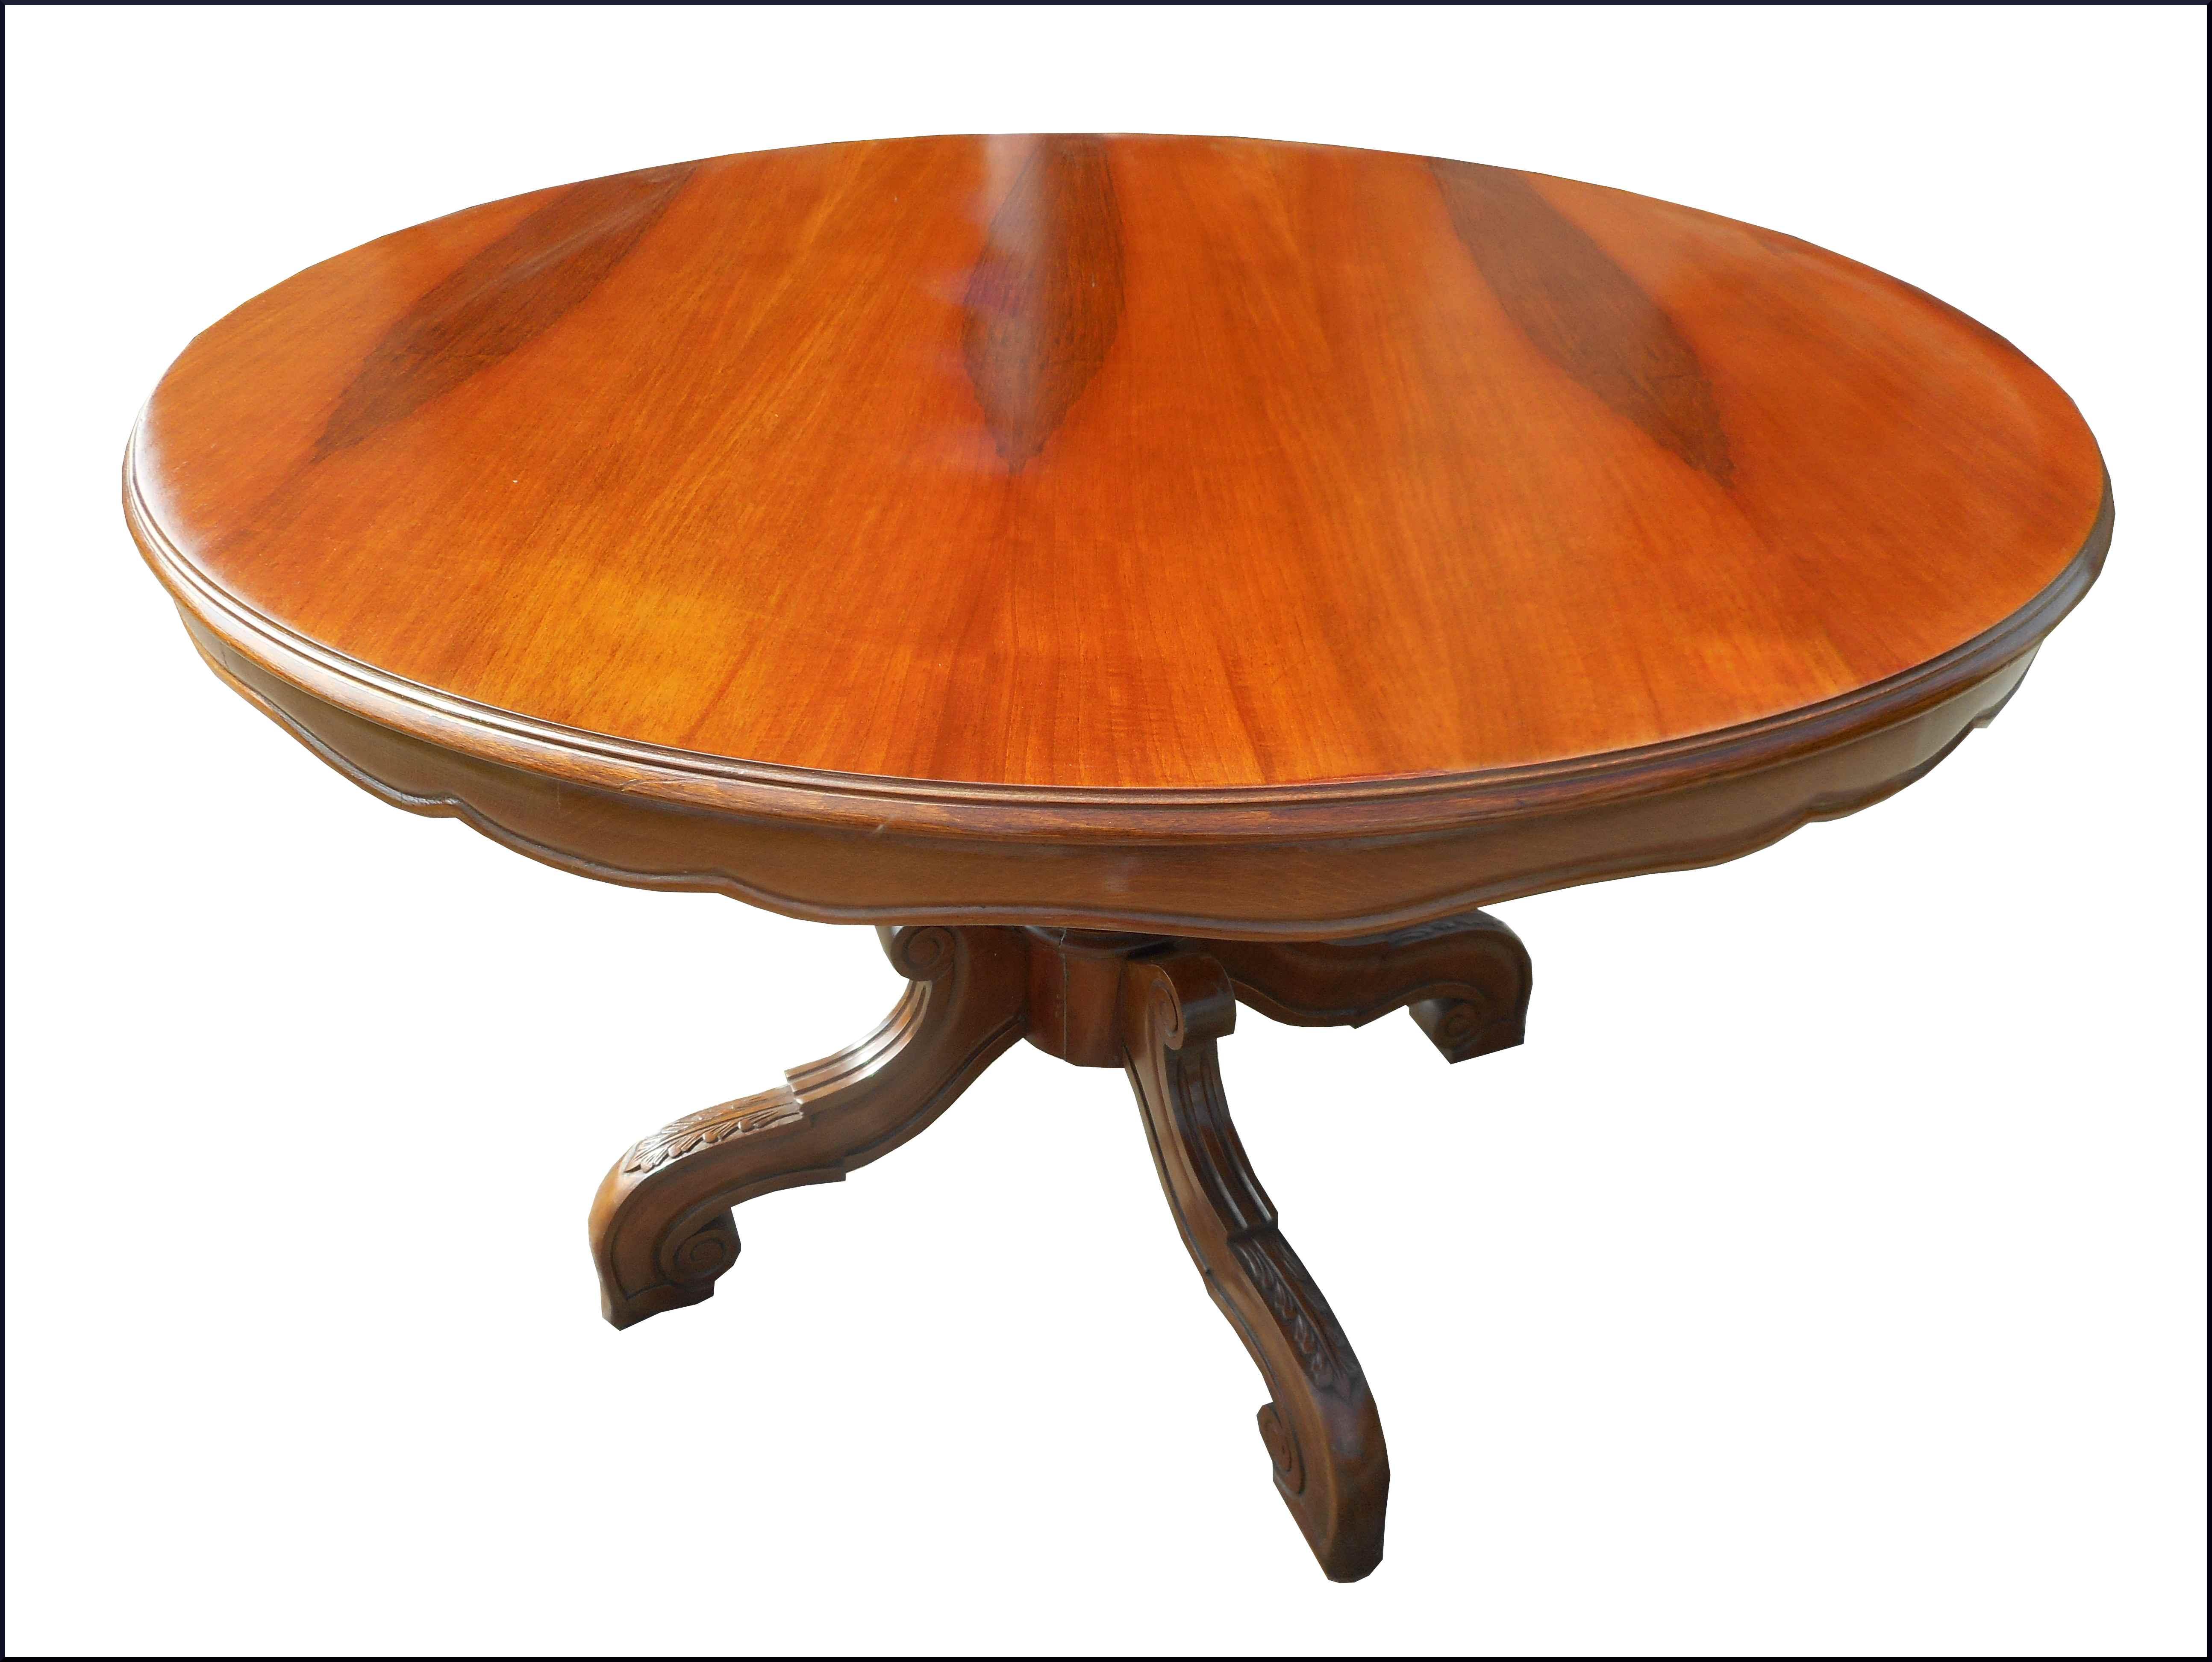 Tavolo rotondo luigi filippo con gamba intagliata la for Tavolo rotondo apribile